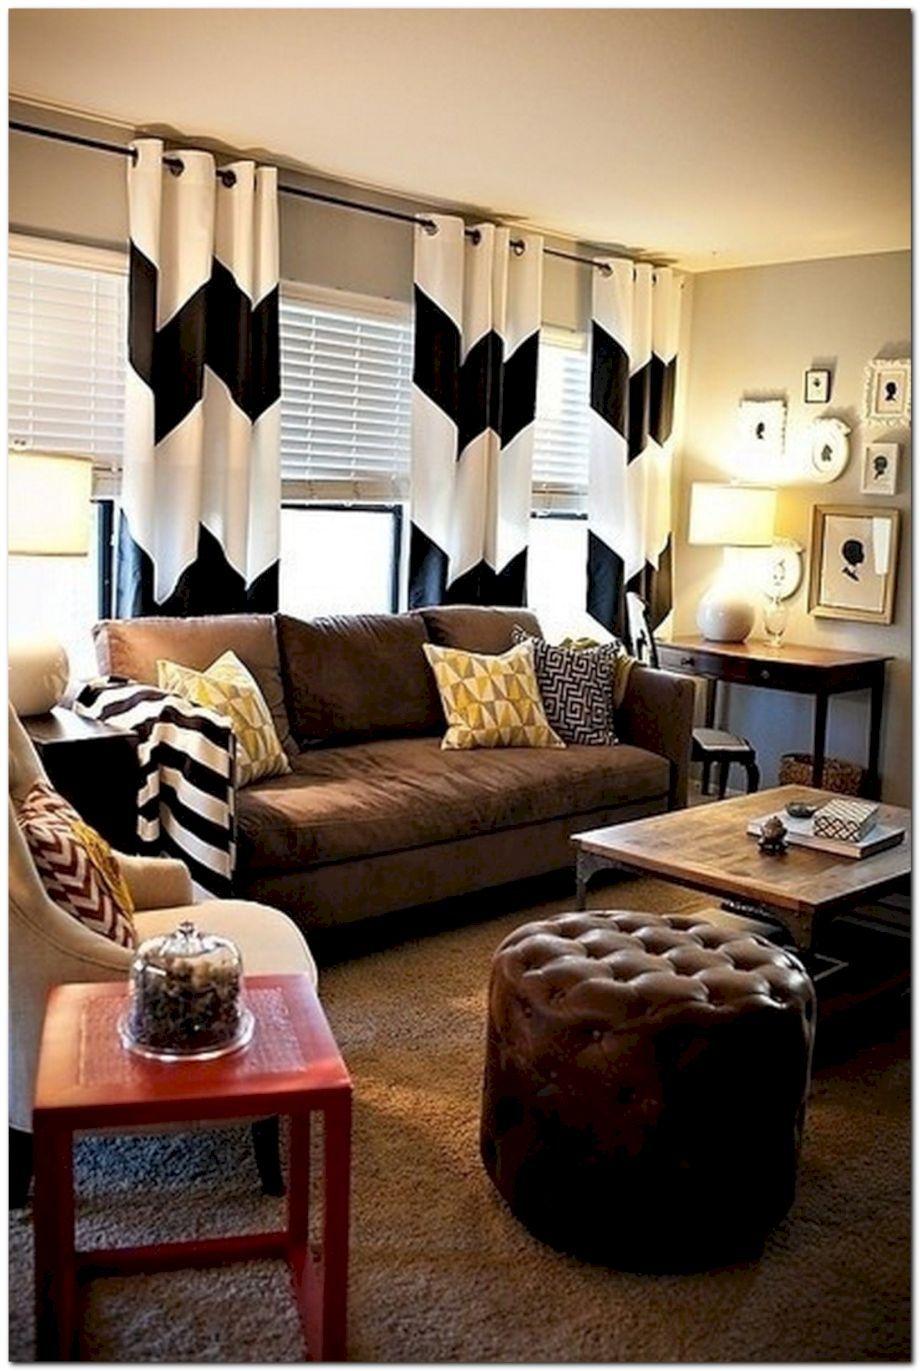 52 Minimalist Interior Design Ideas For Men's First ...